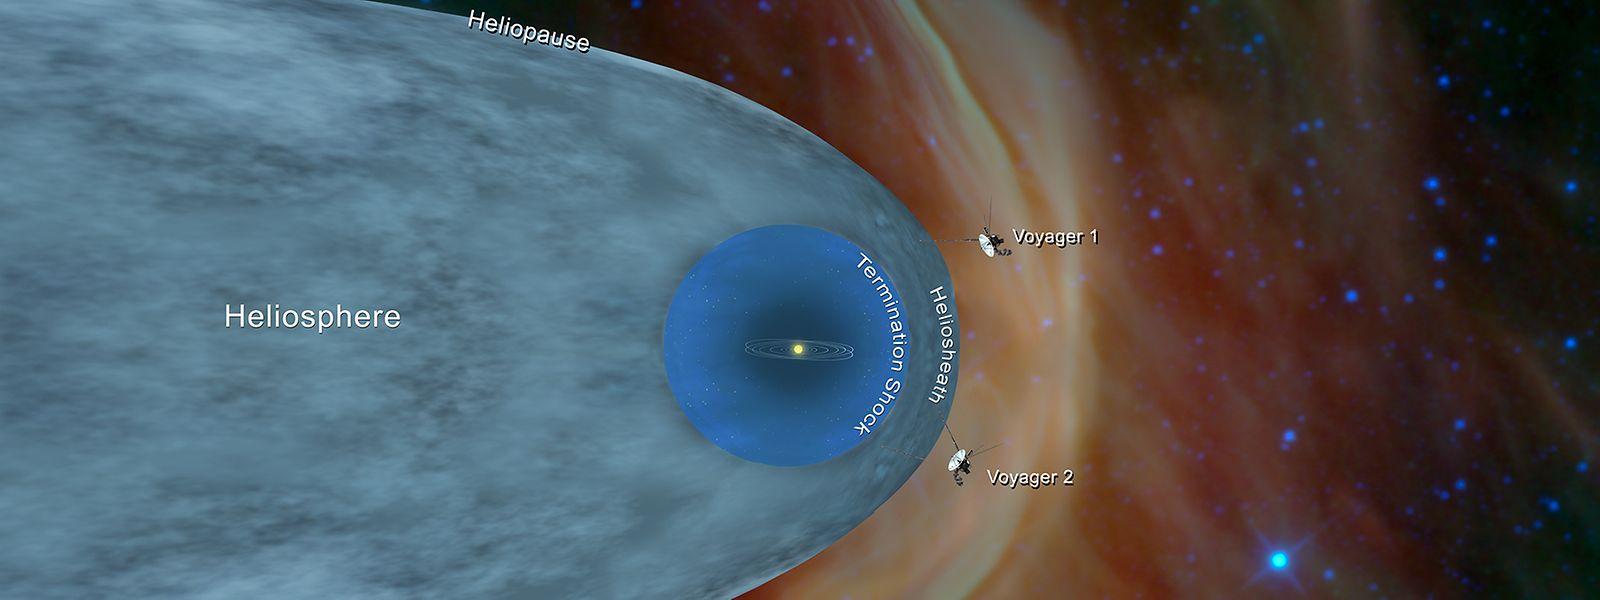 Diese von der NASA zur Verfügung gestellte Abbildung zeigt die Position der NASA-Sonden Voyager 1 und Voyager 2 außerhalb der Heliosphäre der Sonne, die sich weit über die Umlaufbahn von Pluto hinaus erstreckt.